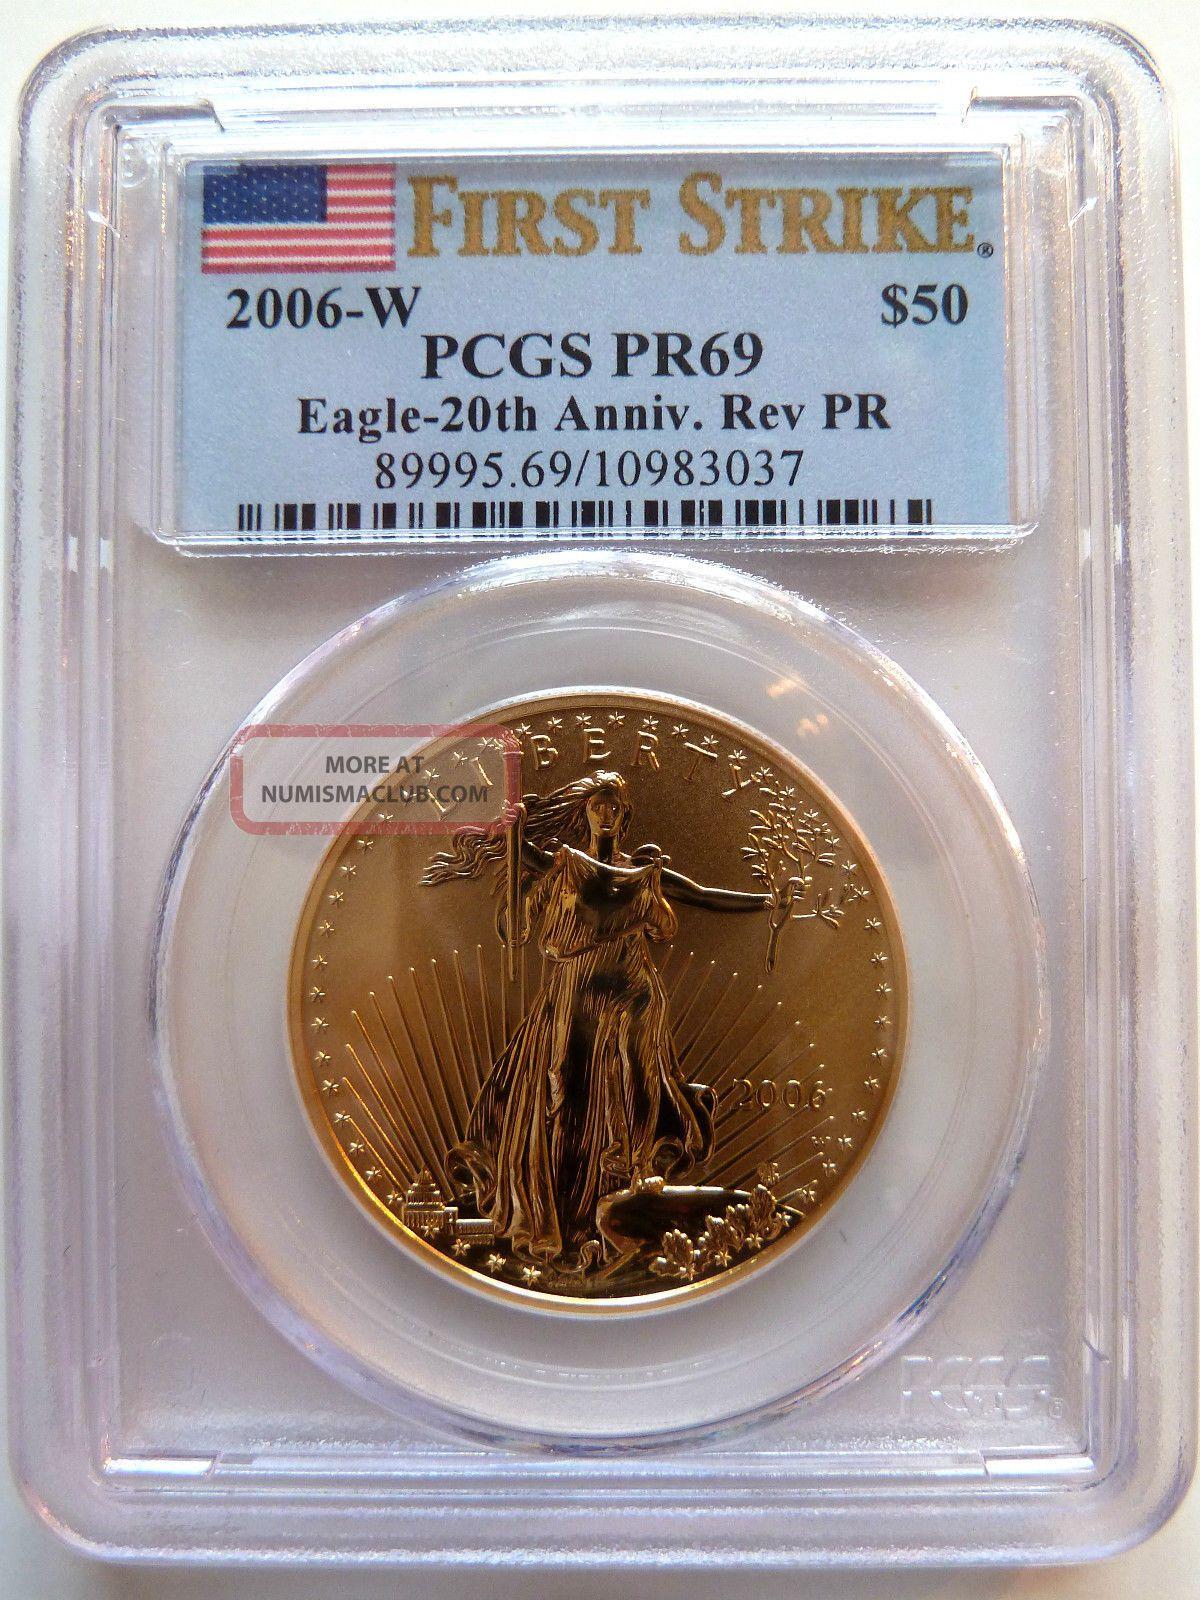 2006 - W $50 Pcgs Pr69 Fs Gold American Eagle 20th Anniv.  Reverse Proof 1 Oz. Gold photo